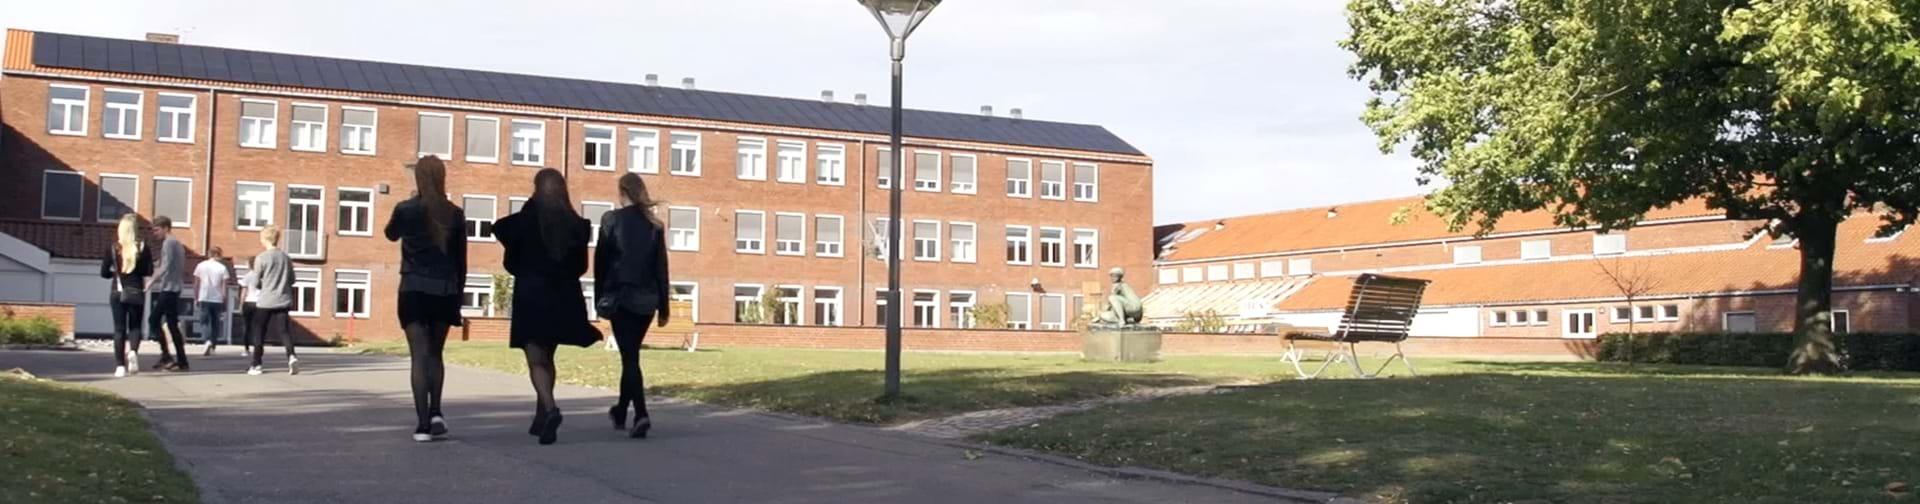 Elever på vej ind på Nykøbing Katedralskole